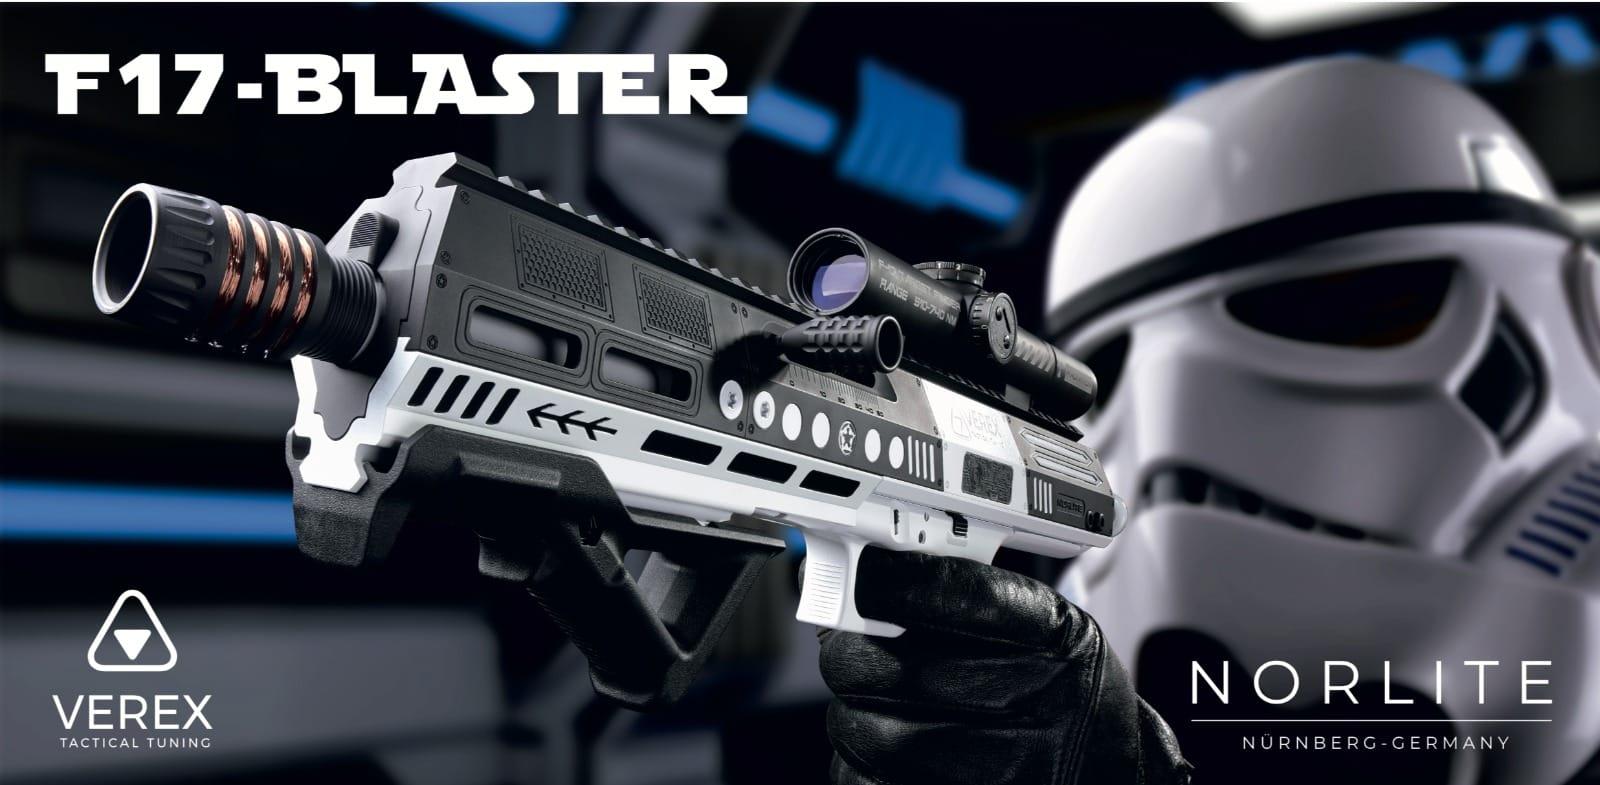 star wars gun pistole karabiner themenwaffe storm trooper gewehr f 17 blaster waffentuning cerakote beschichtung camo weiß graphite black